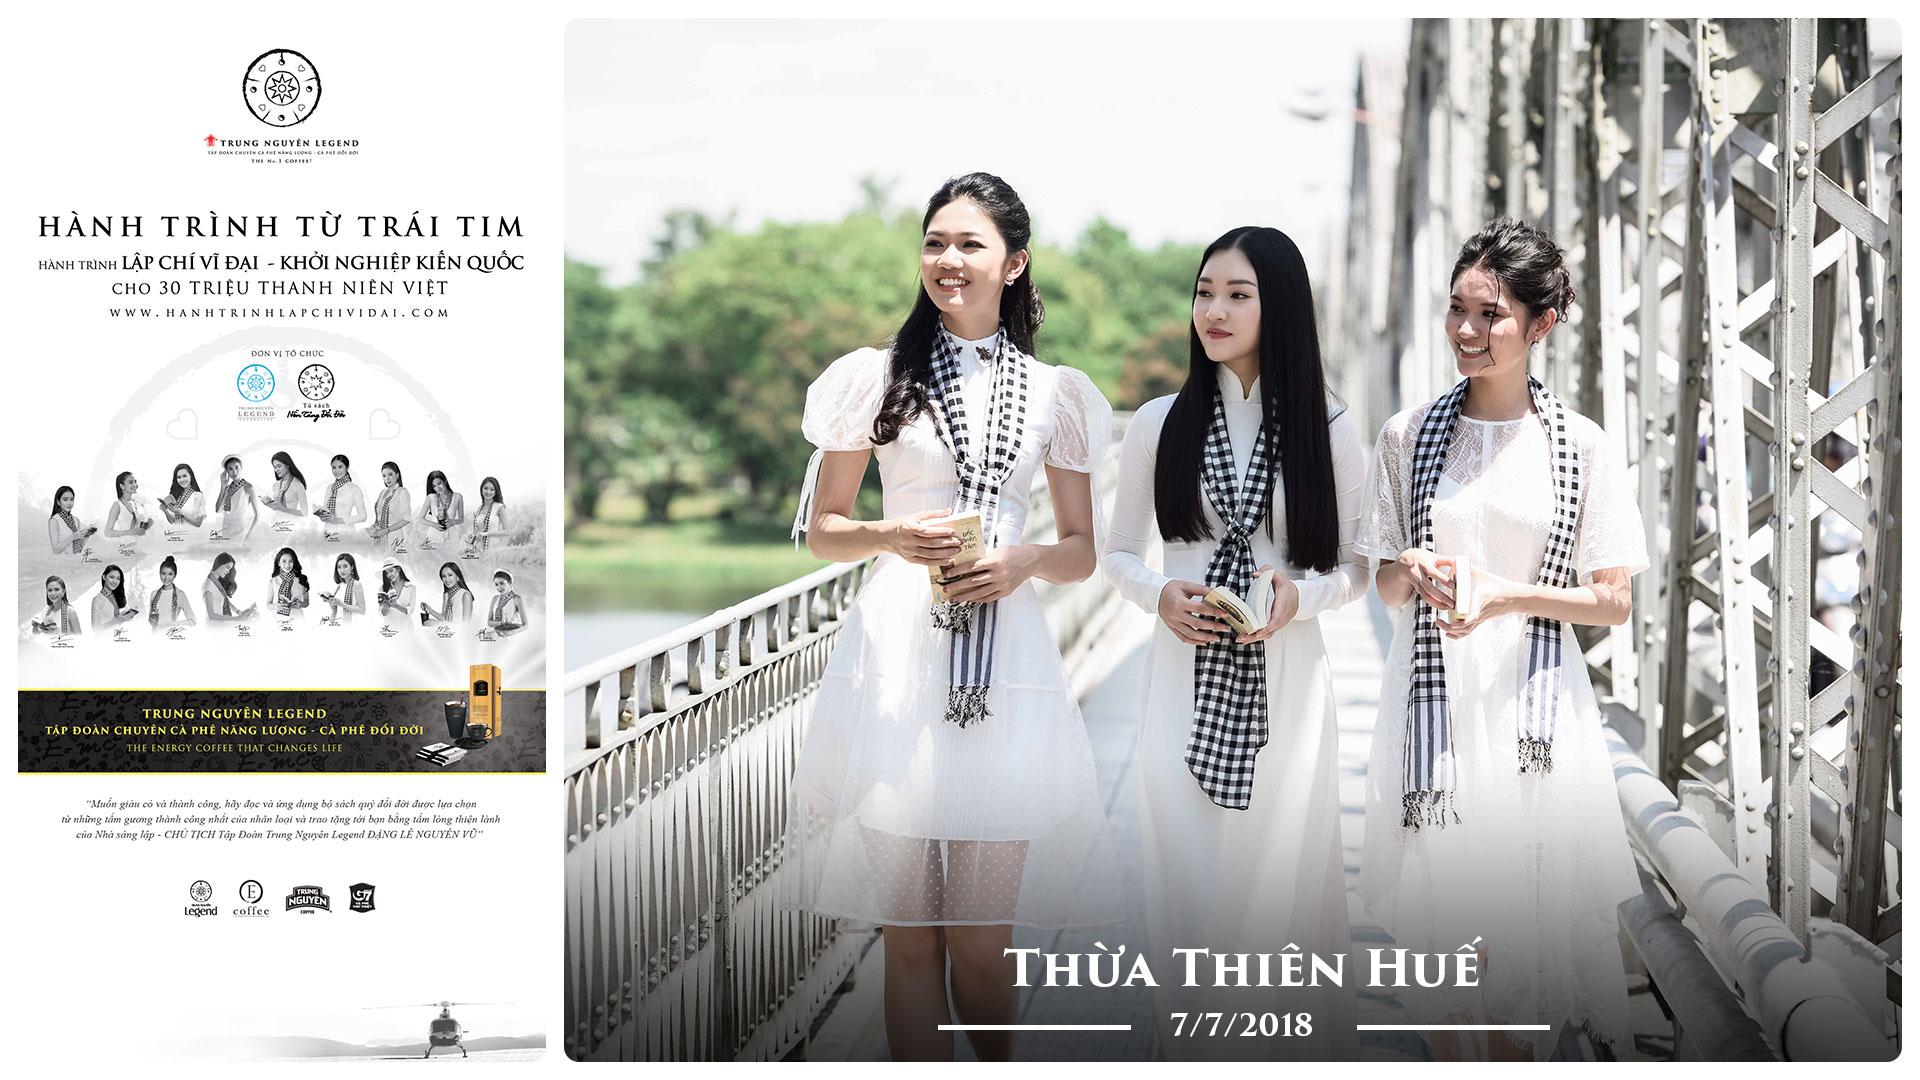 Nhật ký Hành Trình Từ Trái Tim – Ngày 07/07/2018 – Huế